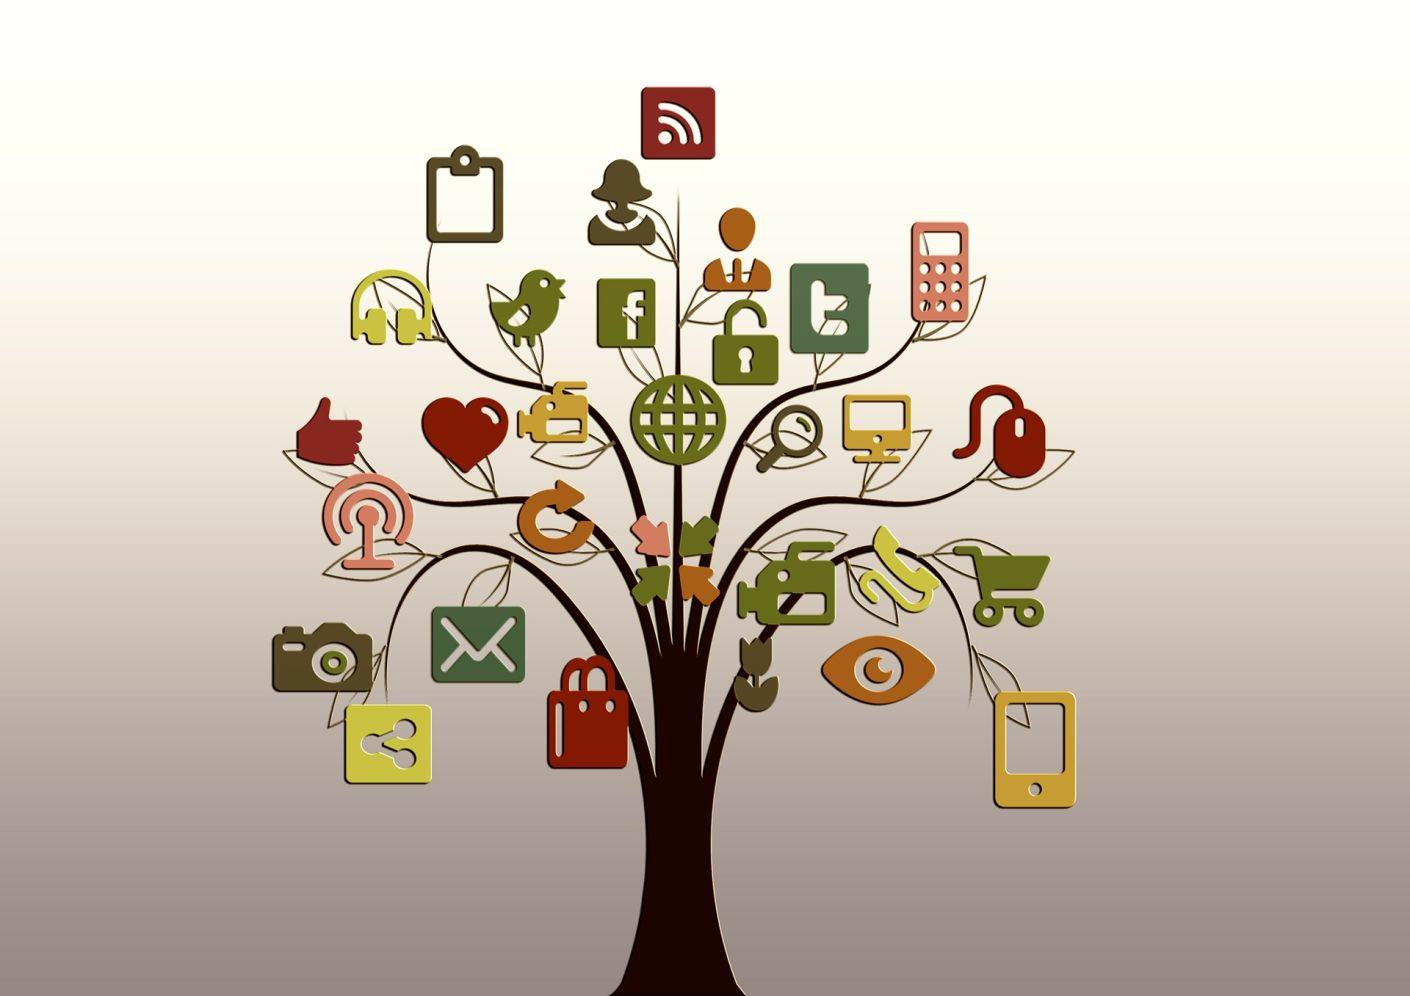 Verbindungen Knüpfen In Den Sozialen Netzwerken Blaj